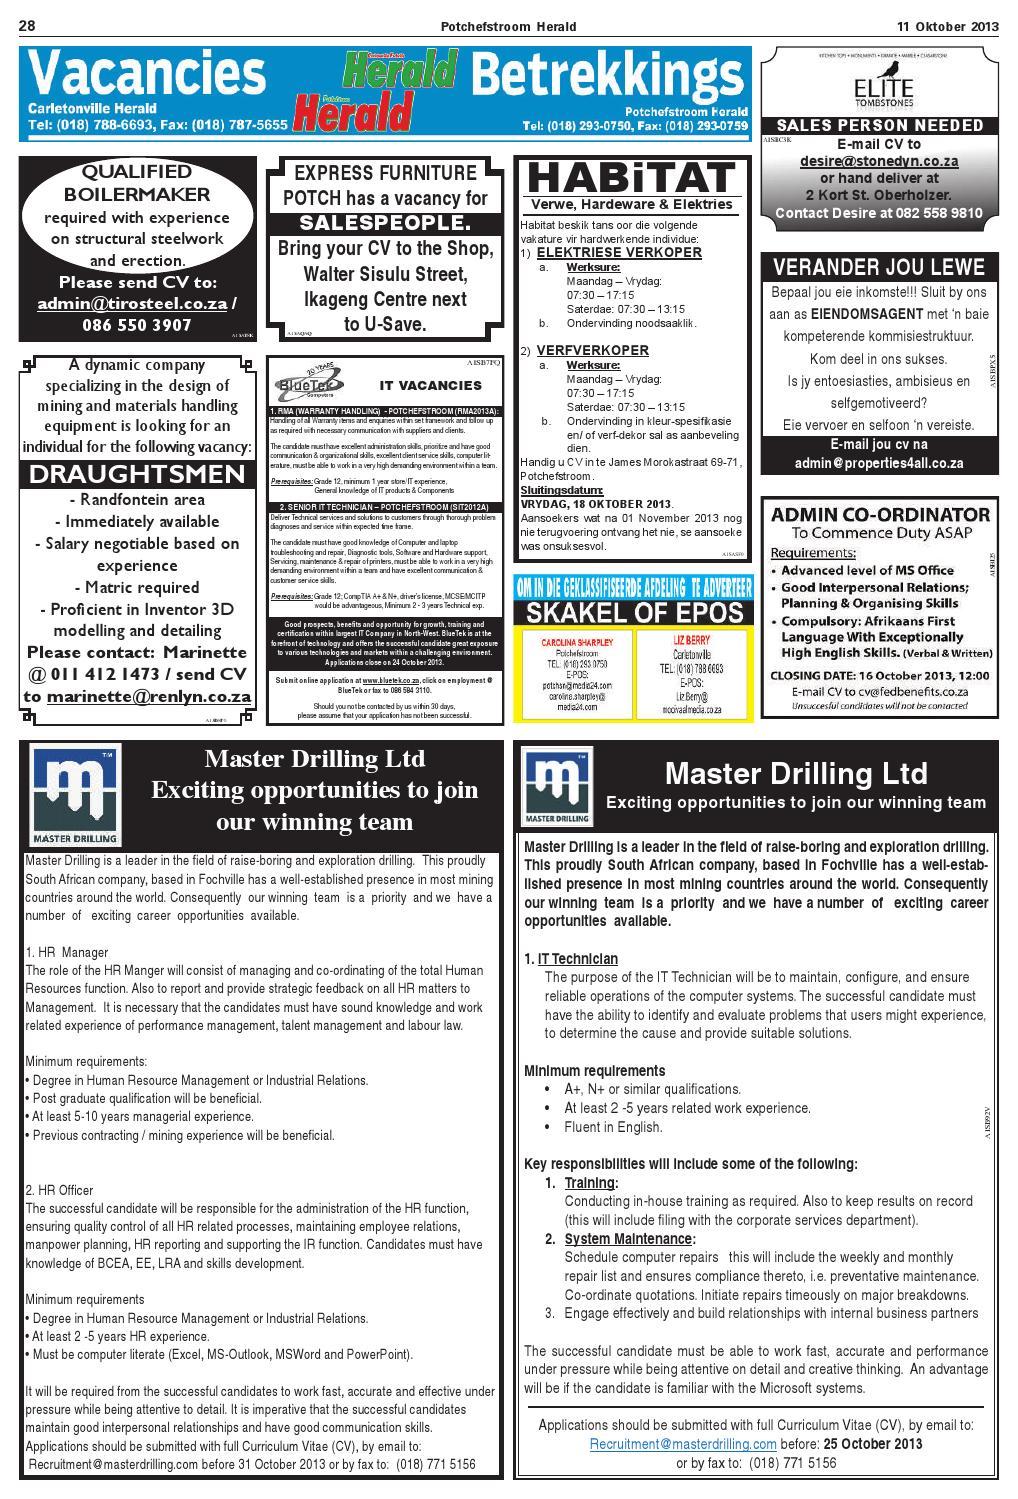 Potchefstroom Herald 10 Oktober 2013 by Potchefstroomherald